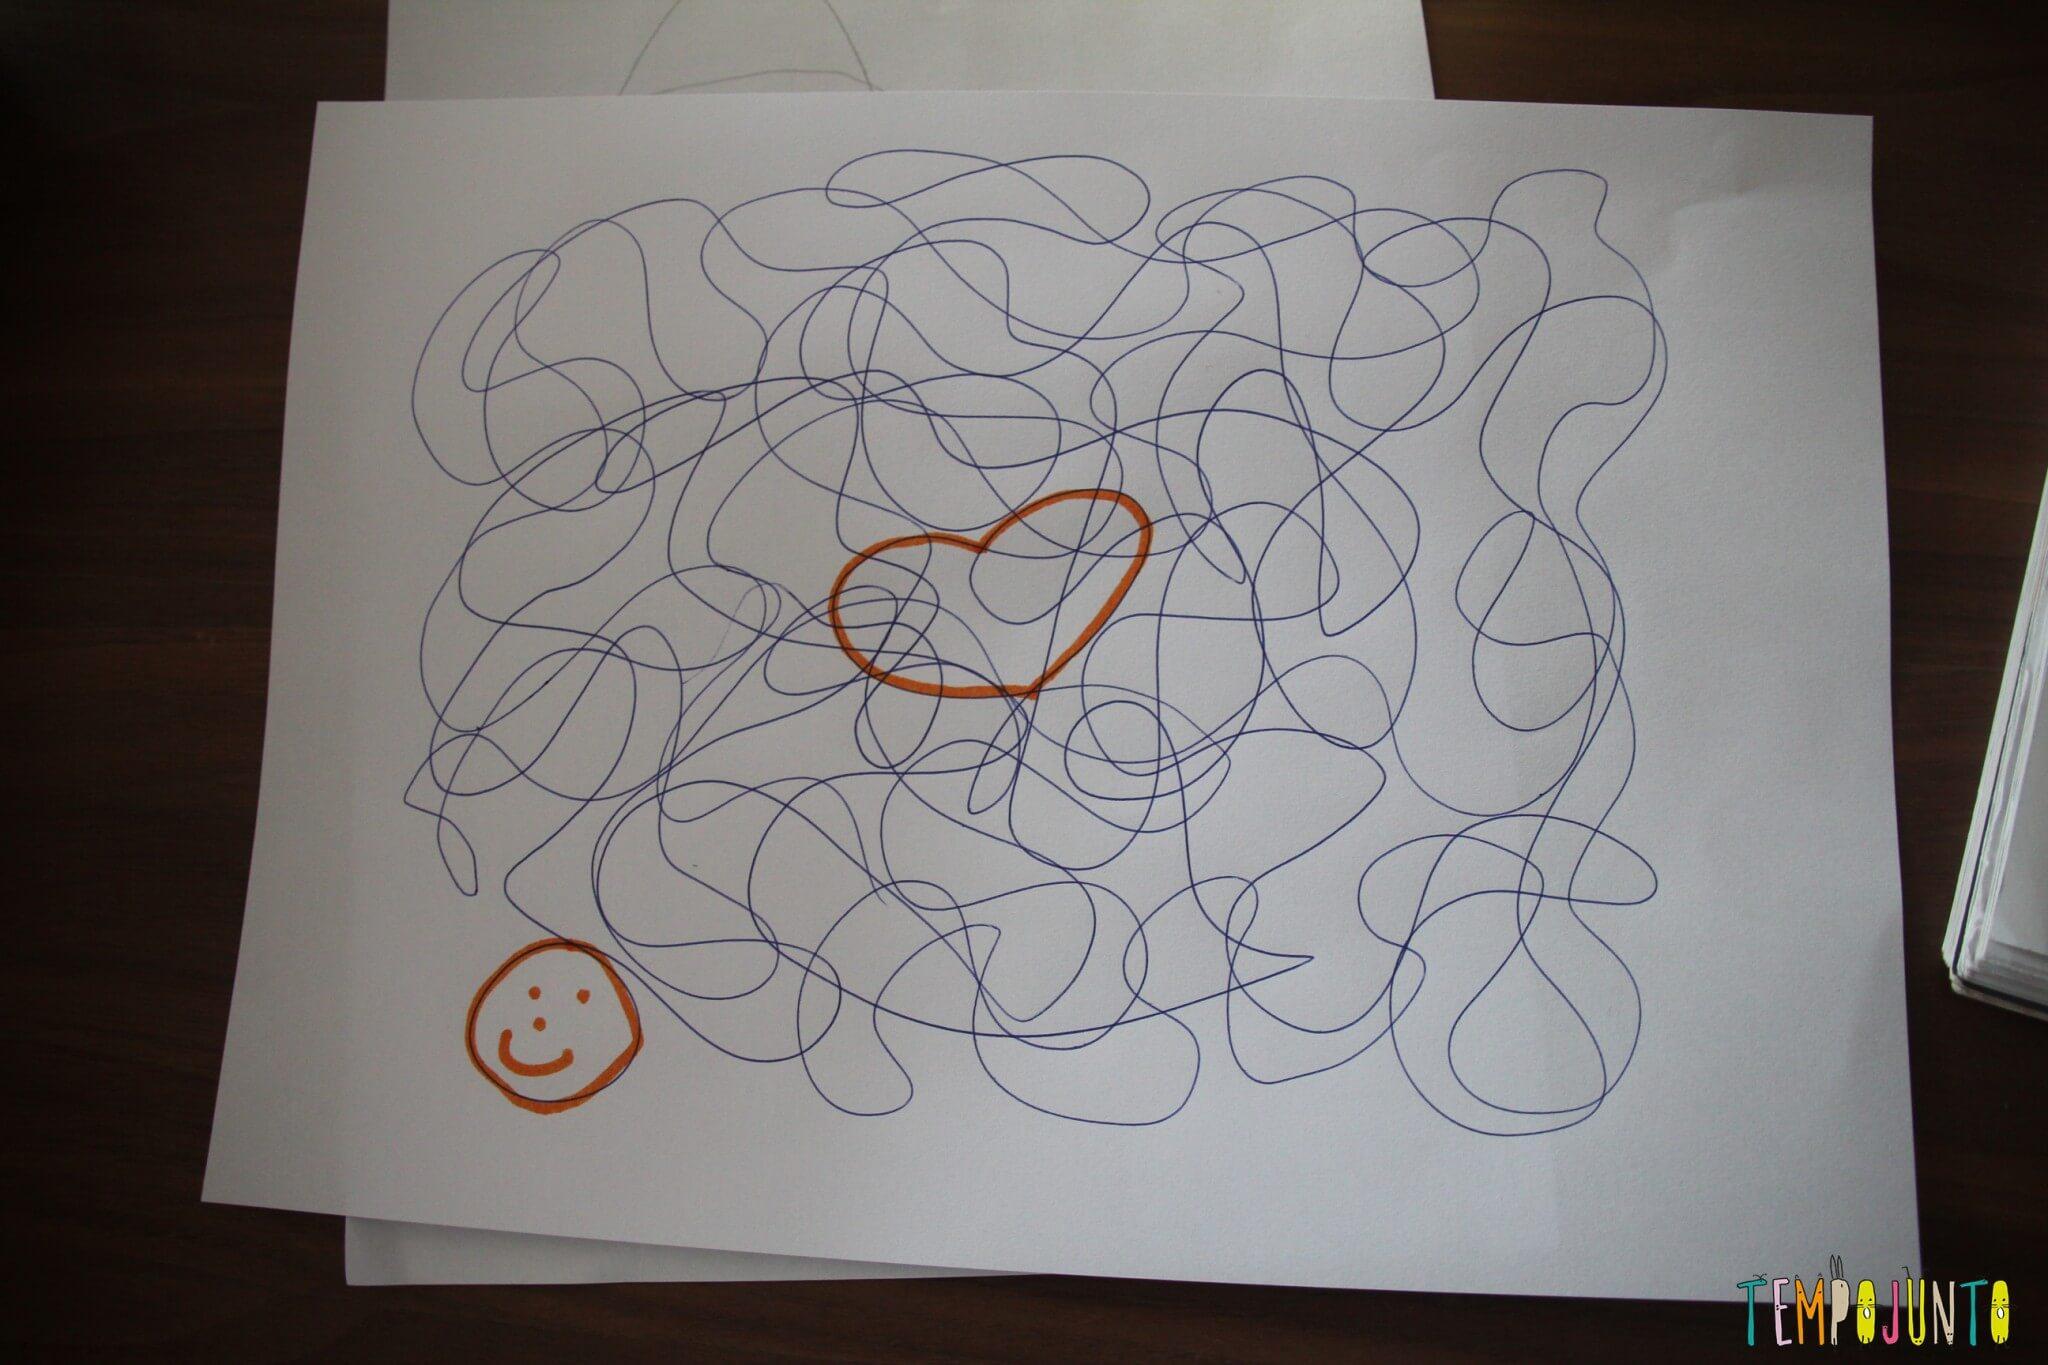 10 Maneiras De Brincar De Desenhar Tempojunto